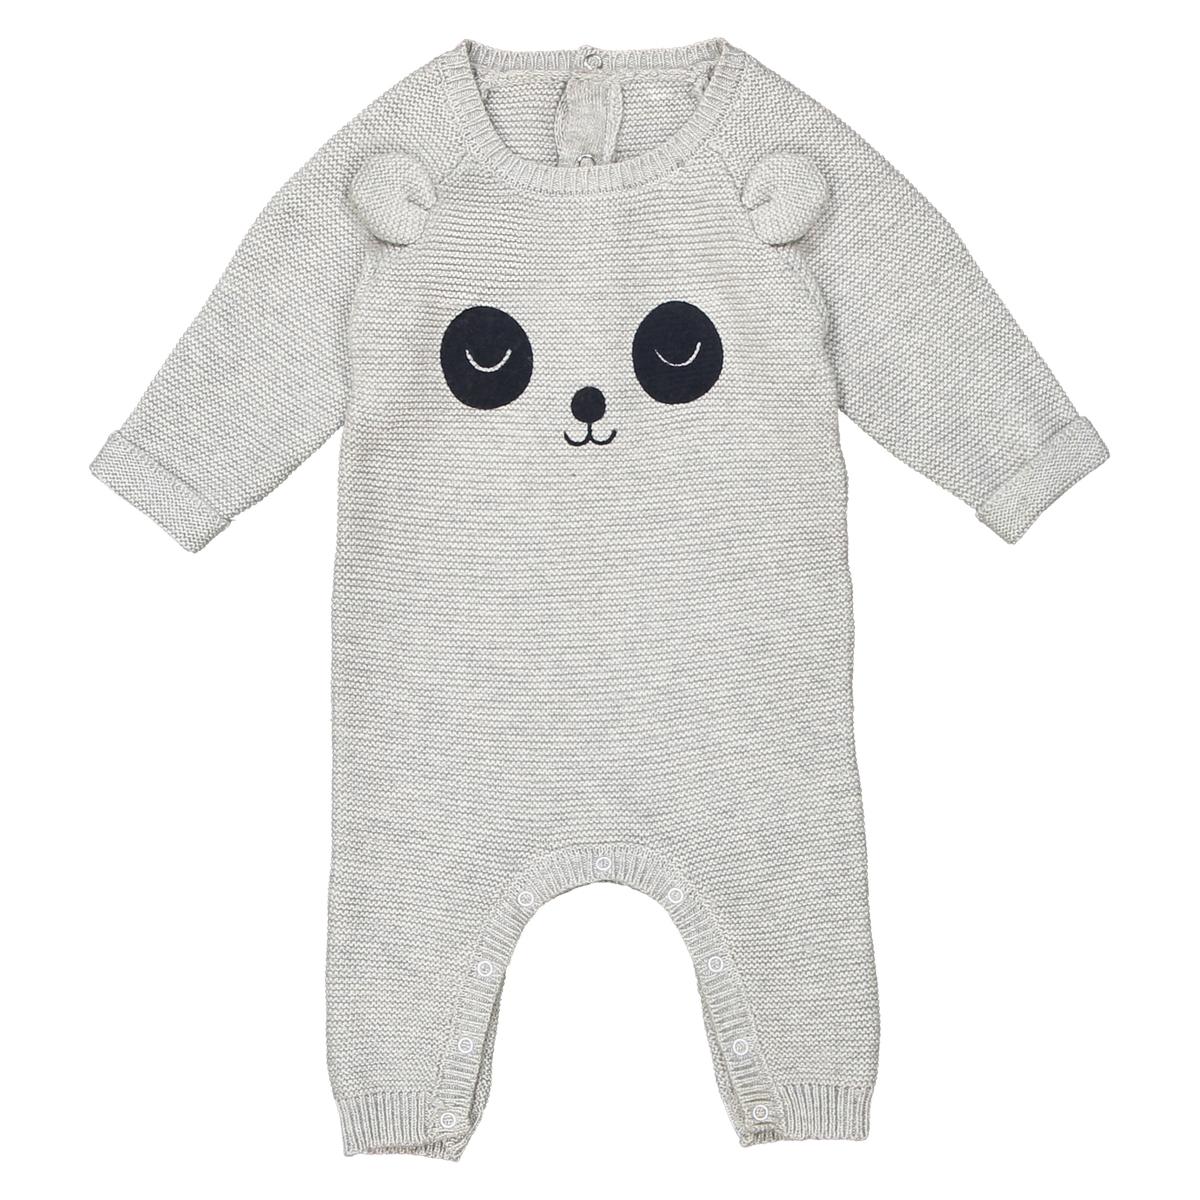 Комбинезон с рисунком панда из трикотажа, 0 мес. - 2 года комбинезон с шортами с тропическим рисунком на 1 мес 3 года